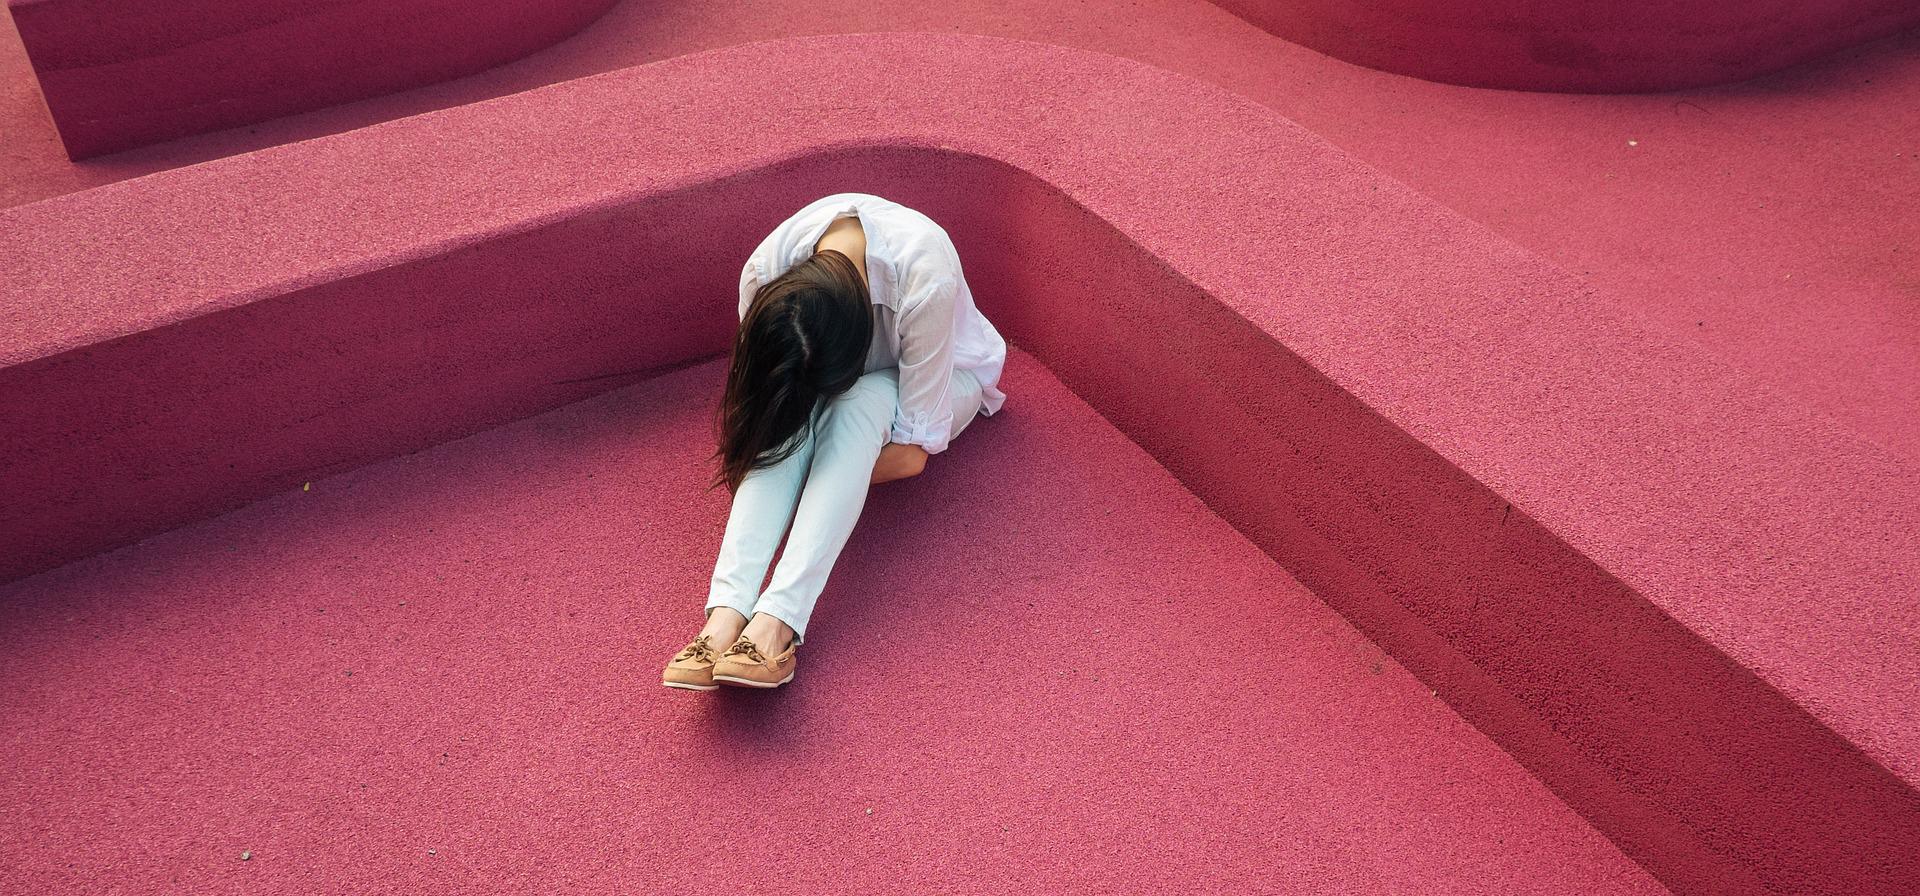 Stressz, vegetatív disztónia, szorongás, pánik